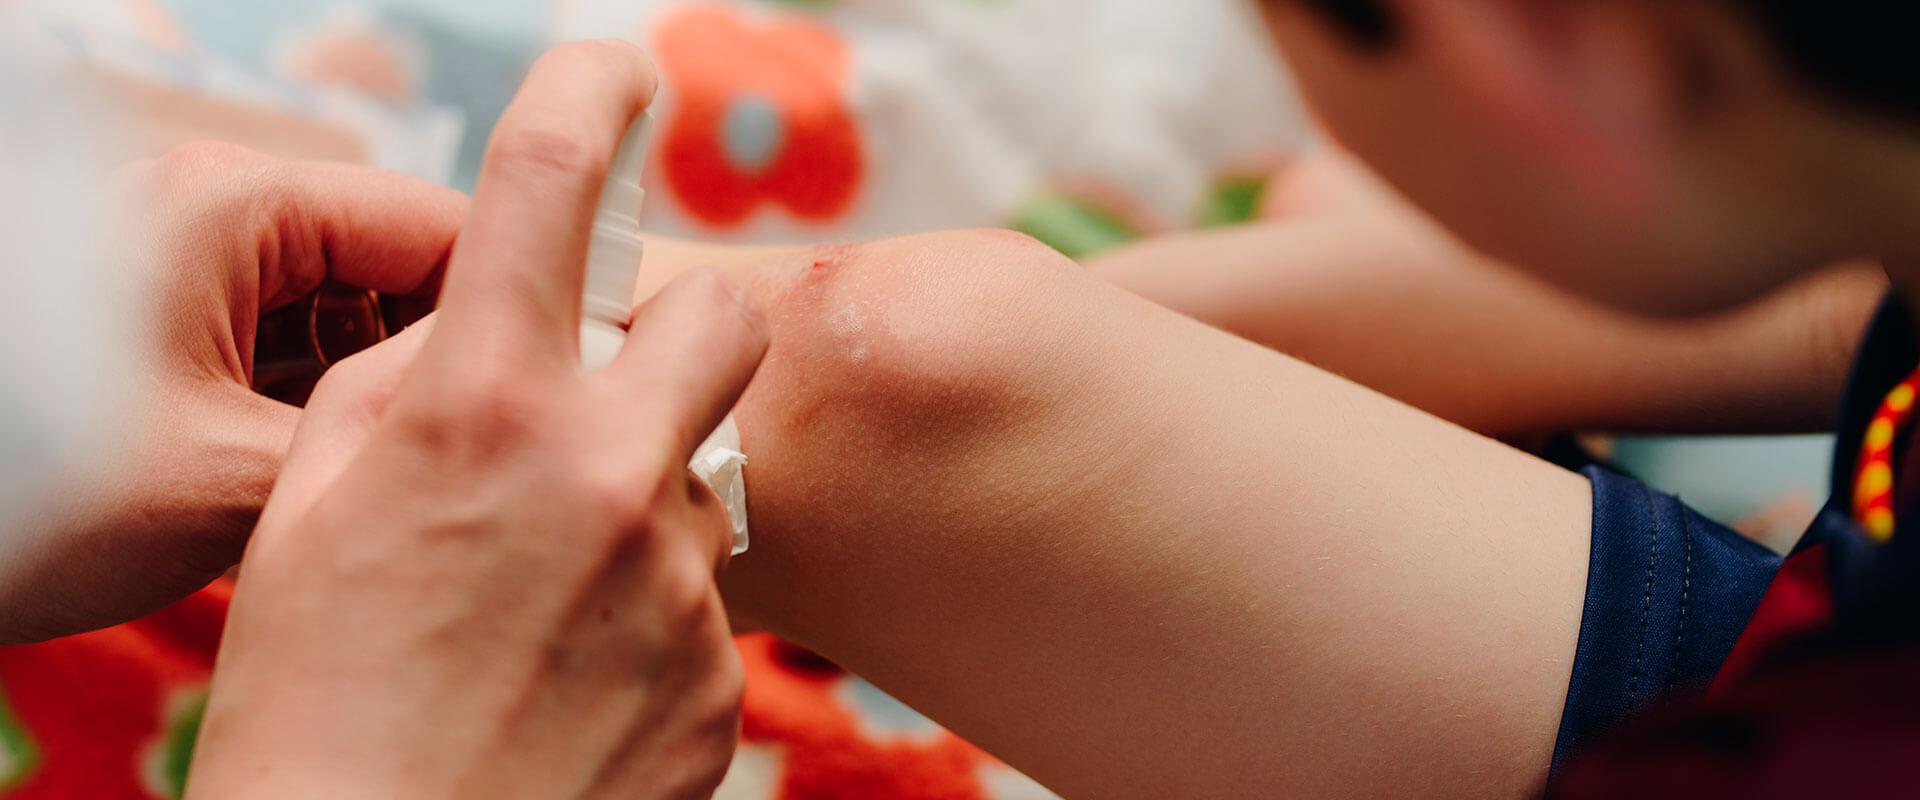 Persona curando heridas en la rodilla de un niño con Vibac30.